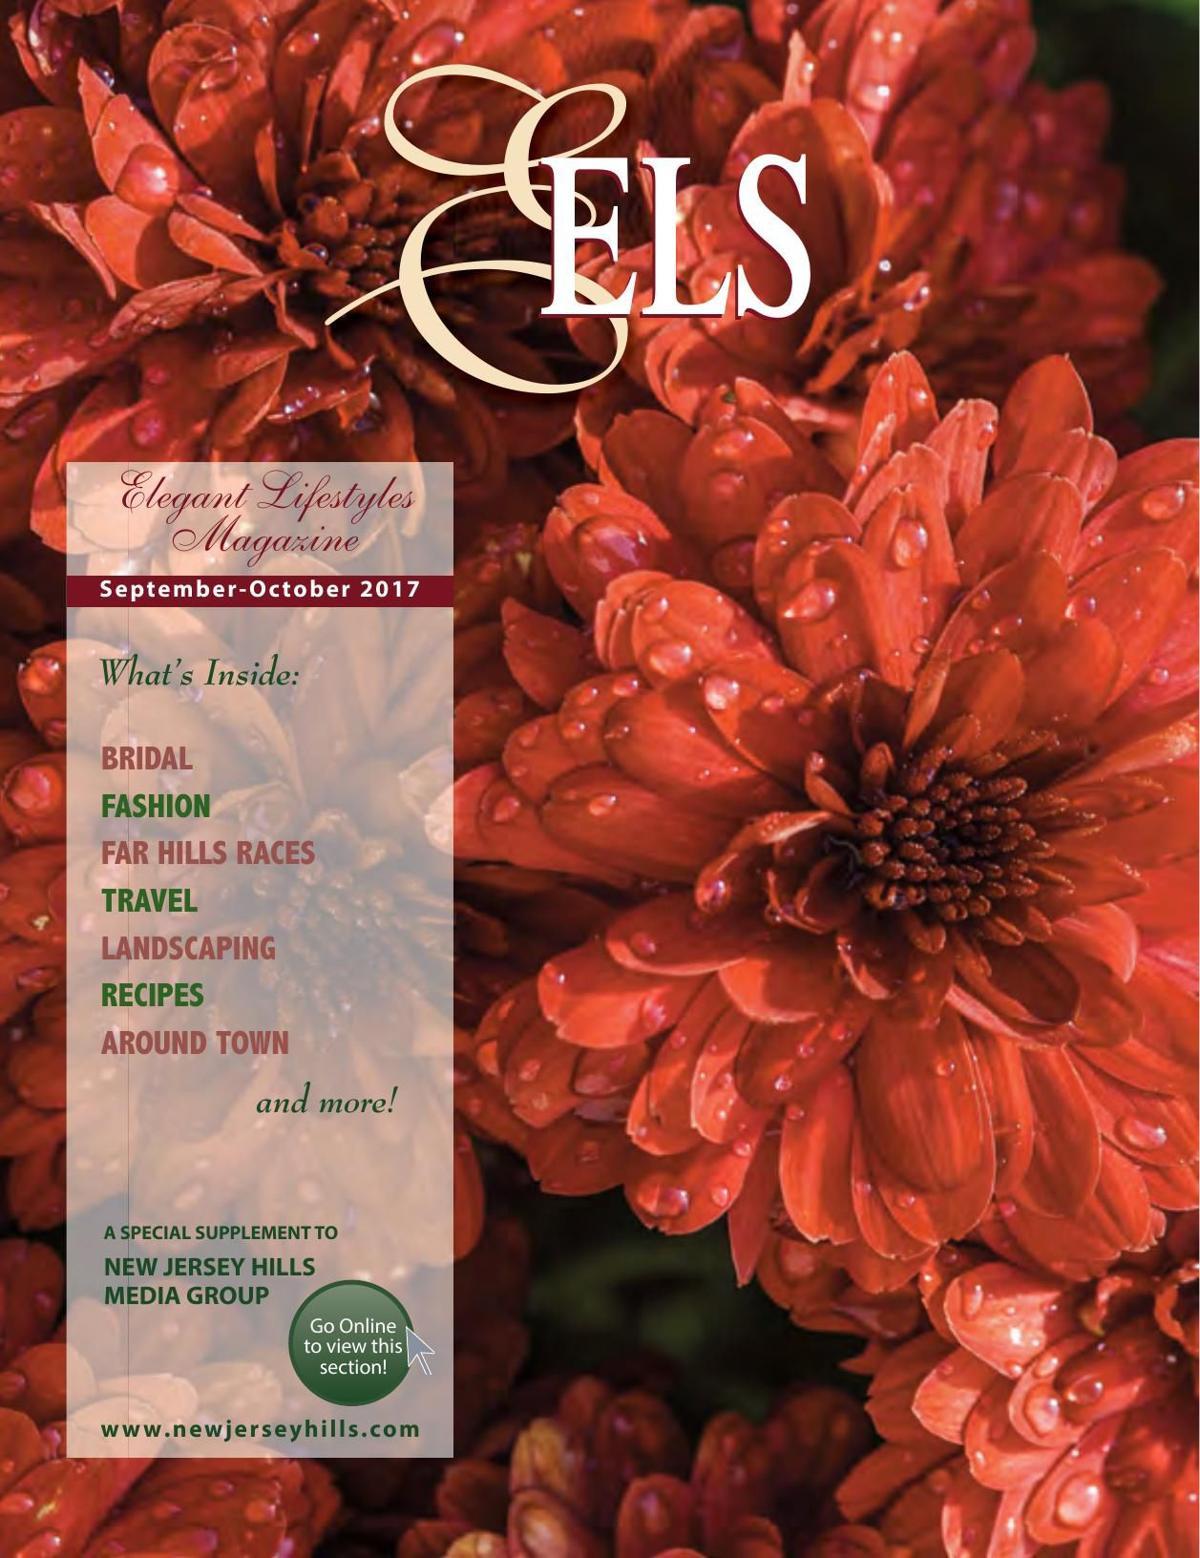 Elegant Lifestyles Magazine - September 14, 2017